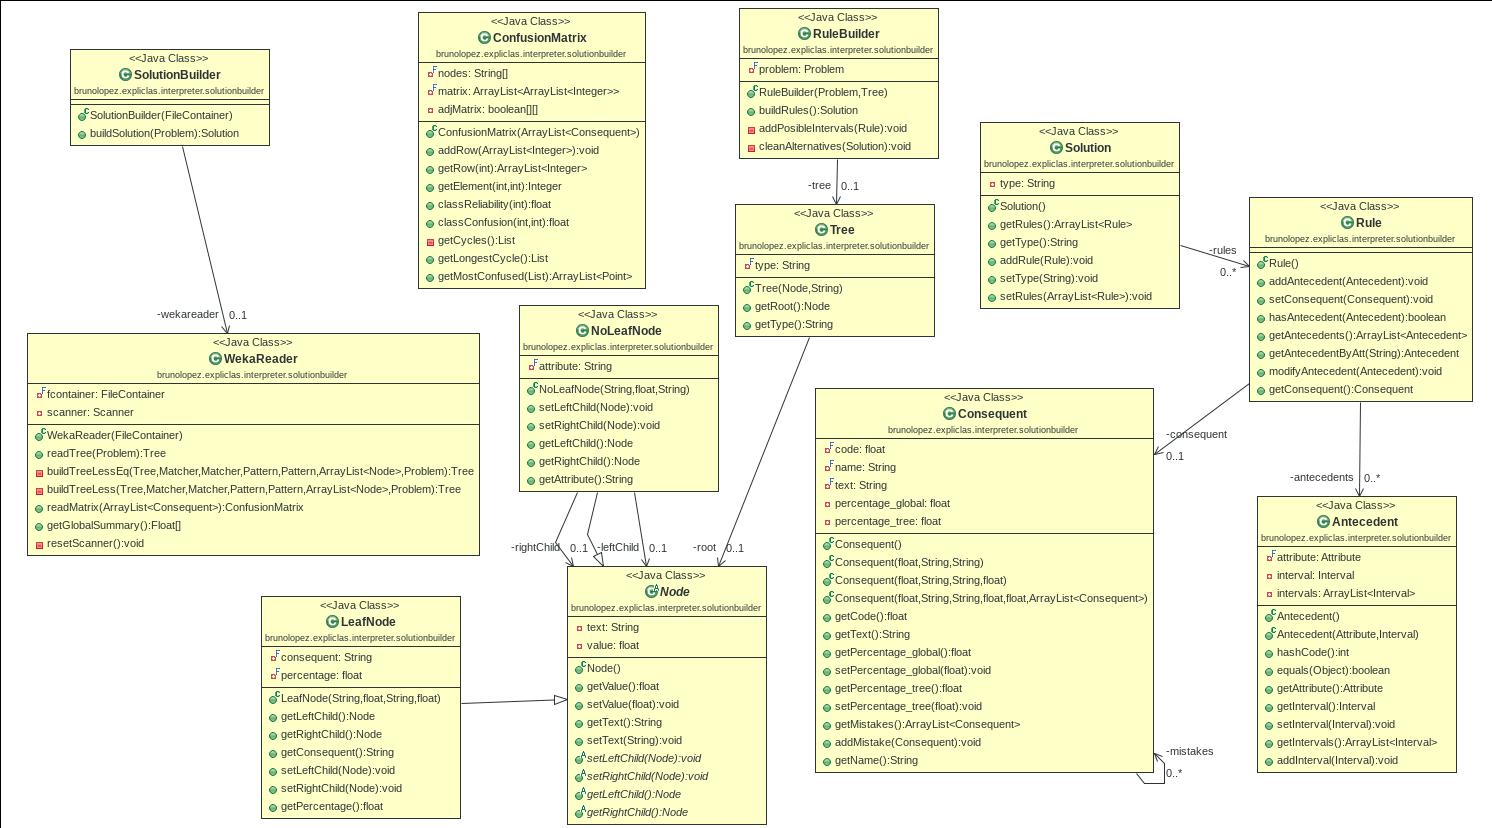 documentacion/memoria/figuras/SolutionBuilderDiagram.png